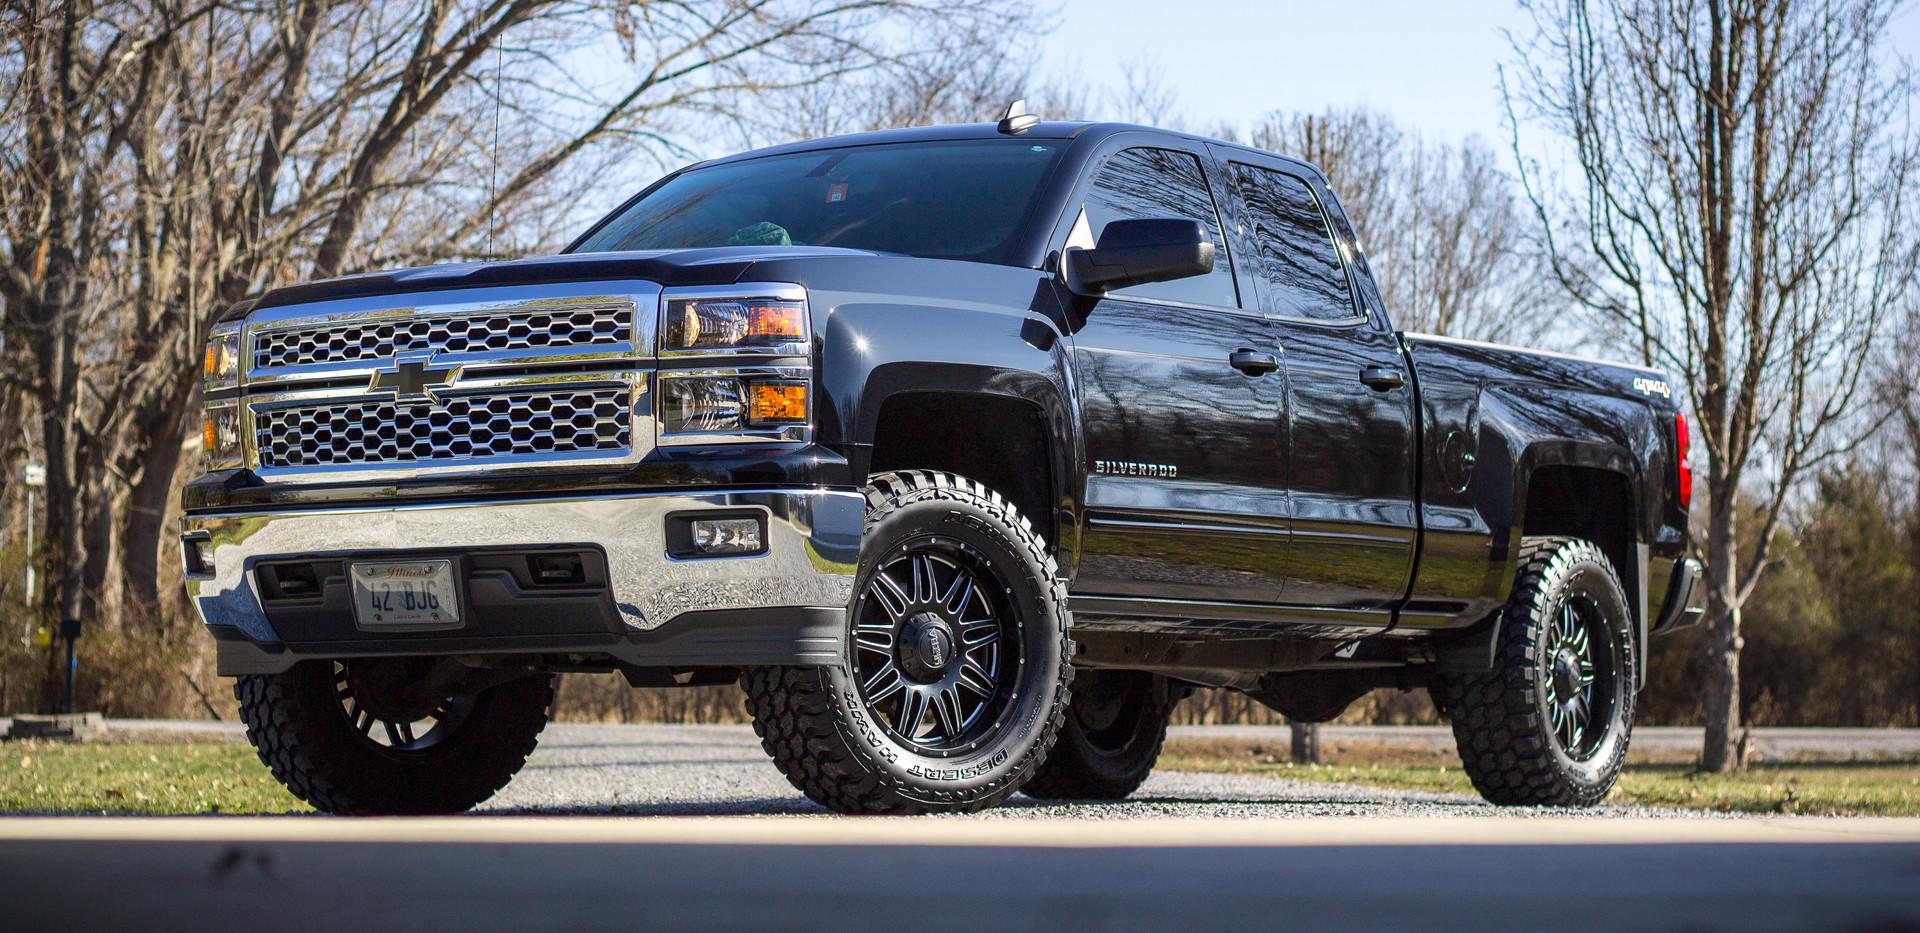 2015 Chevy Silverado.jpg